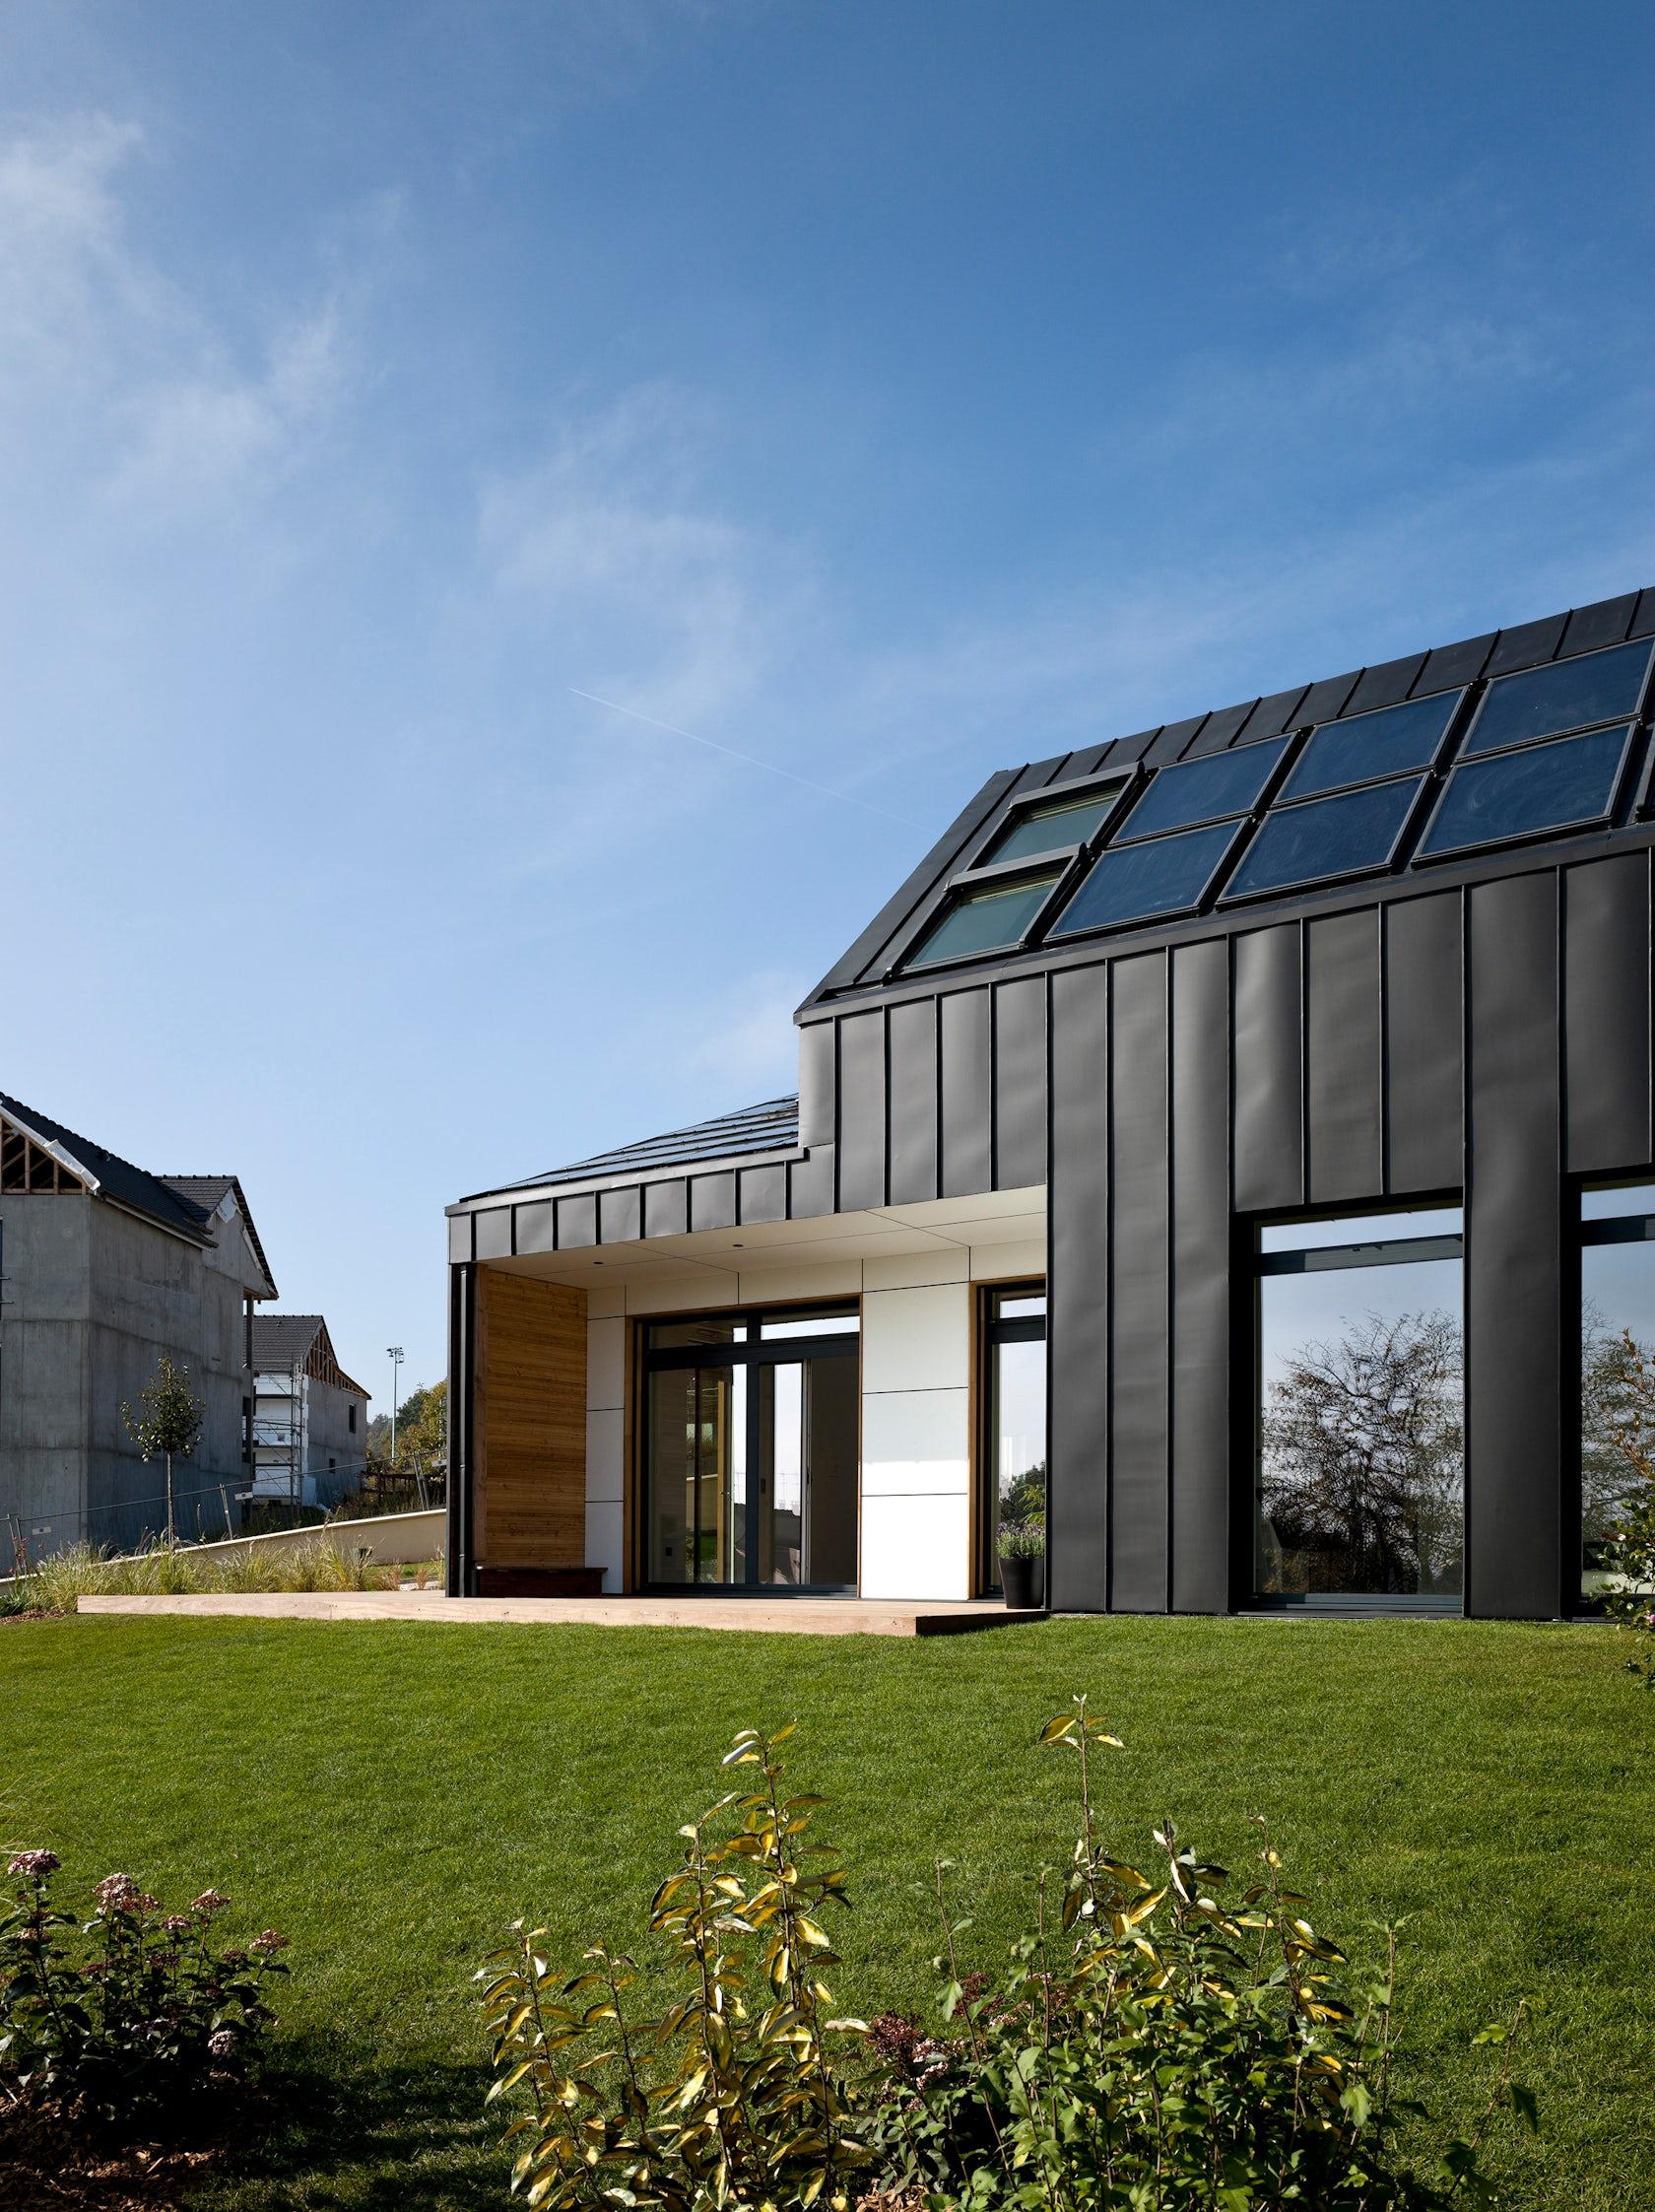 Maison air et lumi re an active house by nomade architizer - Maison active ...